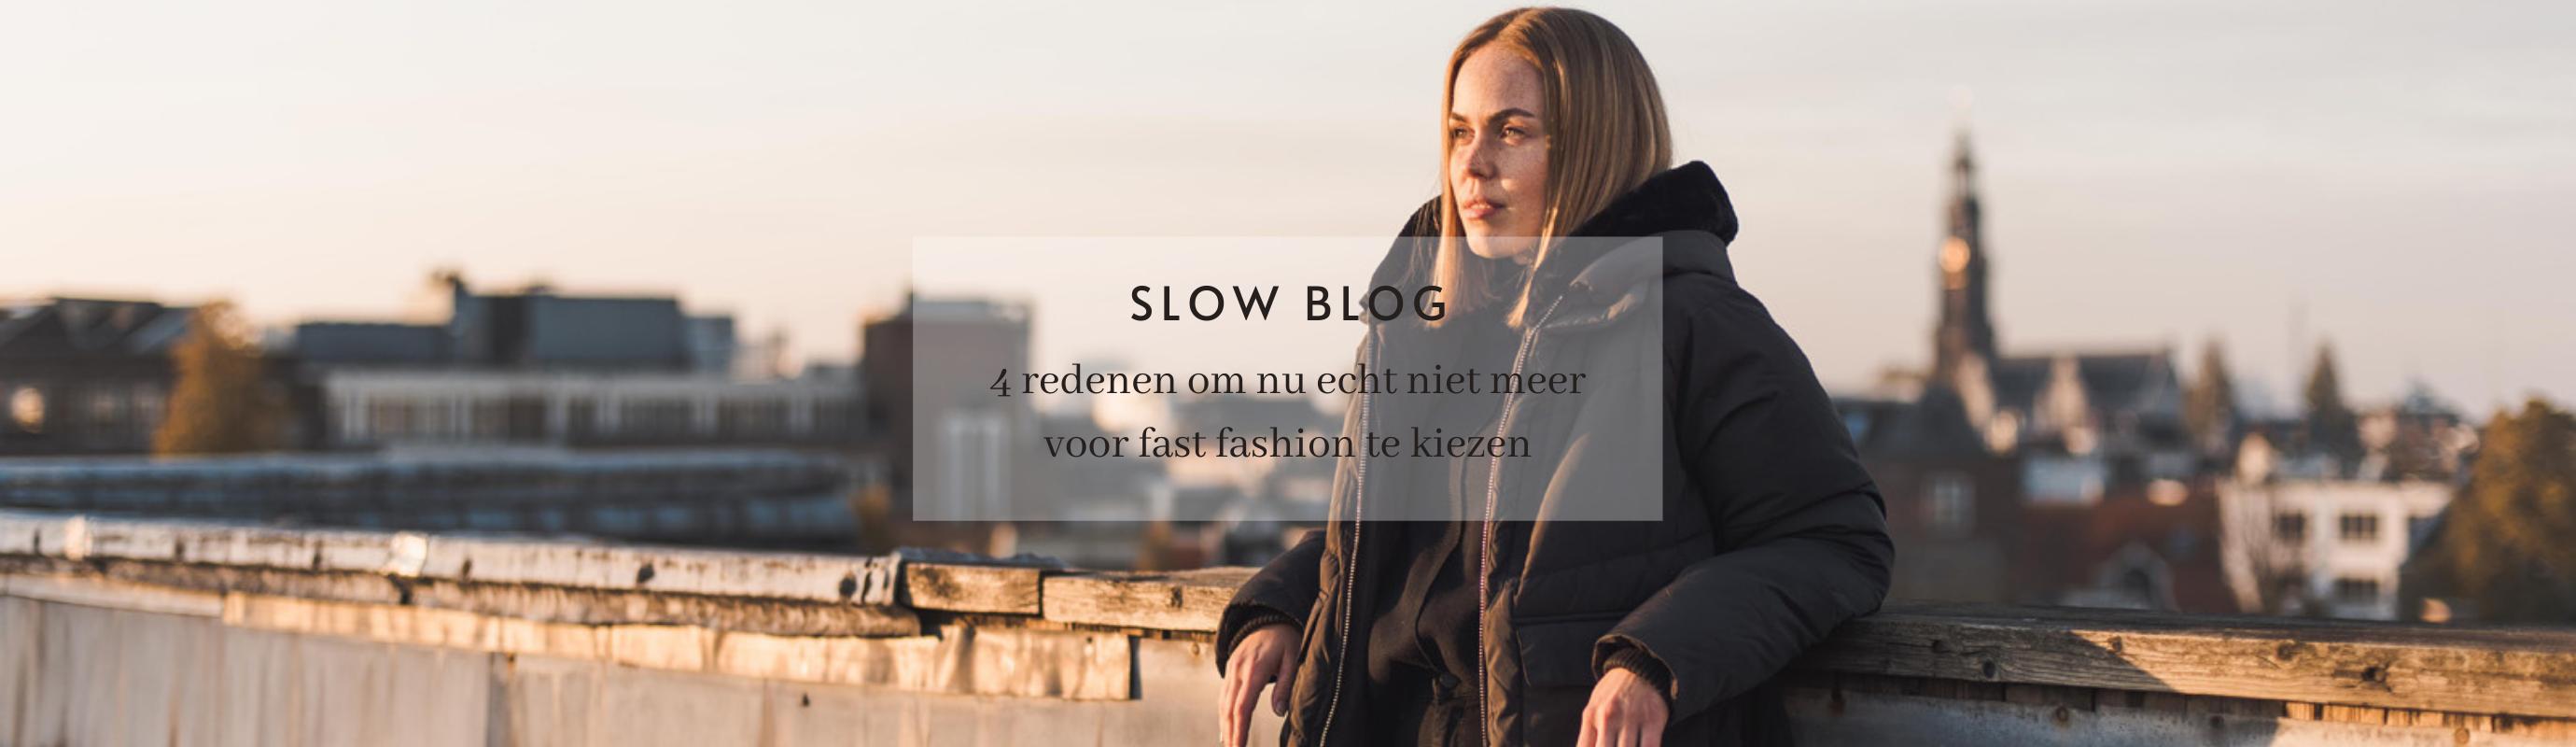 4 redenen om nu écht niet meer voor fast fashion te kiezen